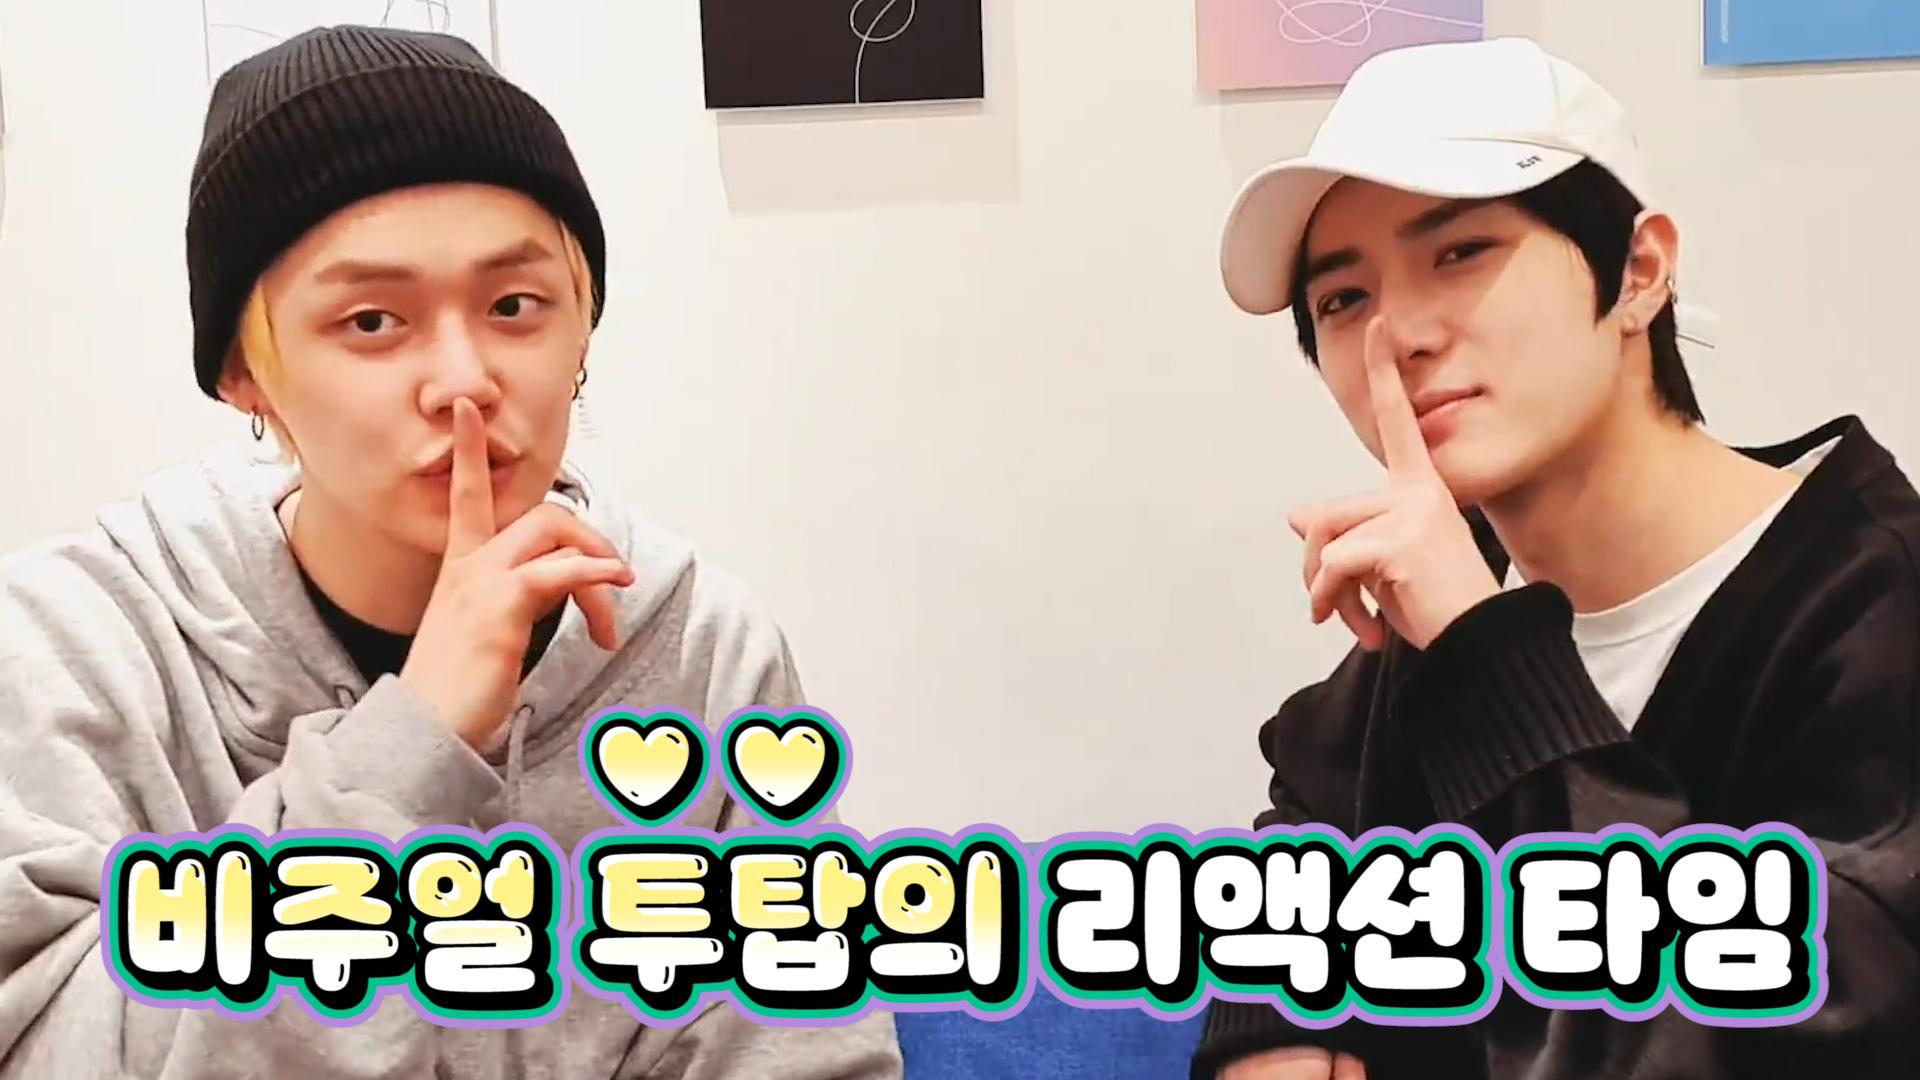 [TXT] 두밧두표 리액션 하나면 야, 너두 칸 갈 수 있어✨ (YEONJUN&BEOMGYU's reaction of their teaser)